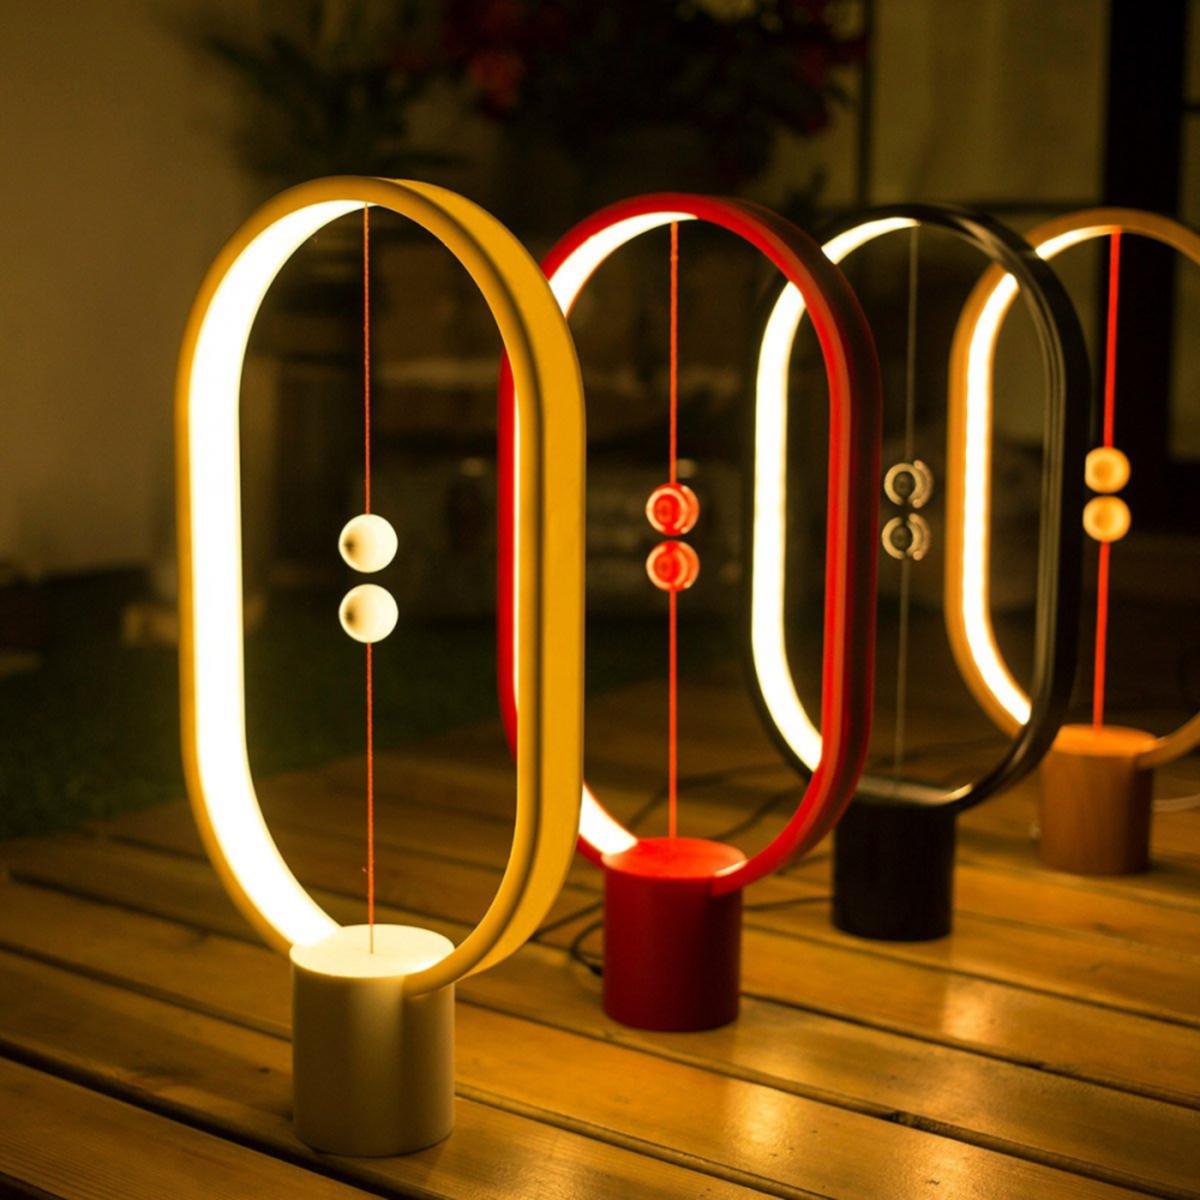 lampara en rojo, negro, color madera